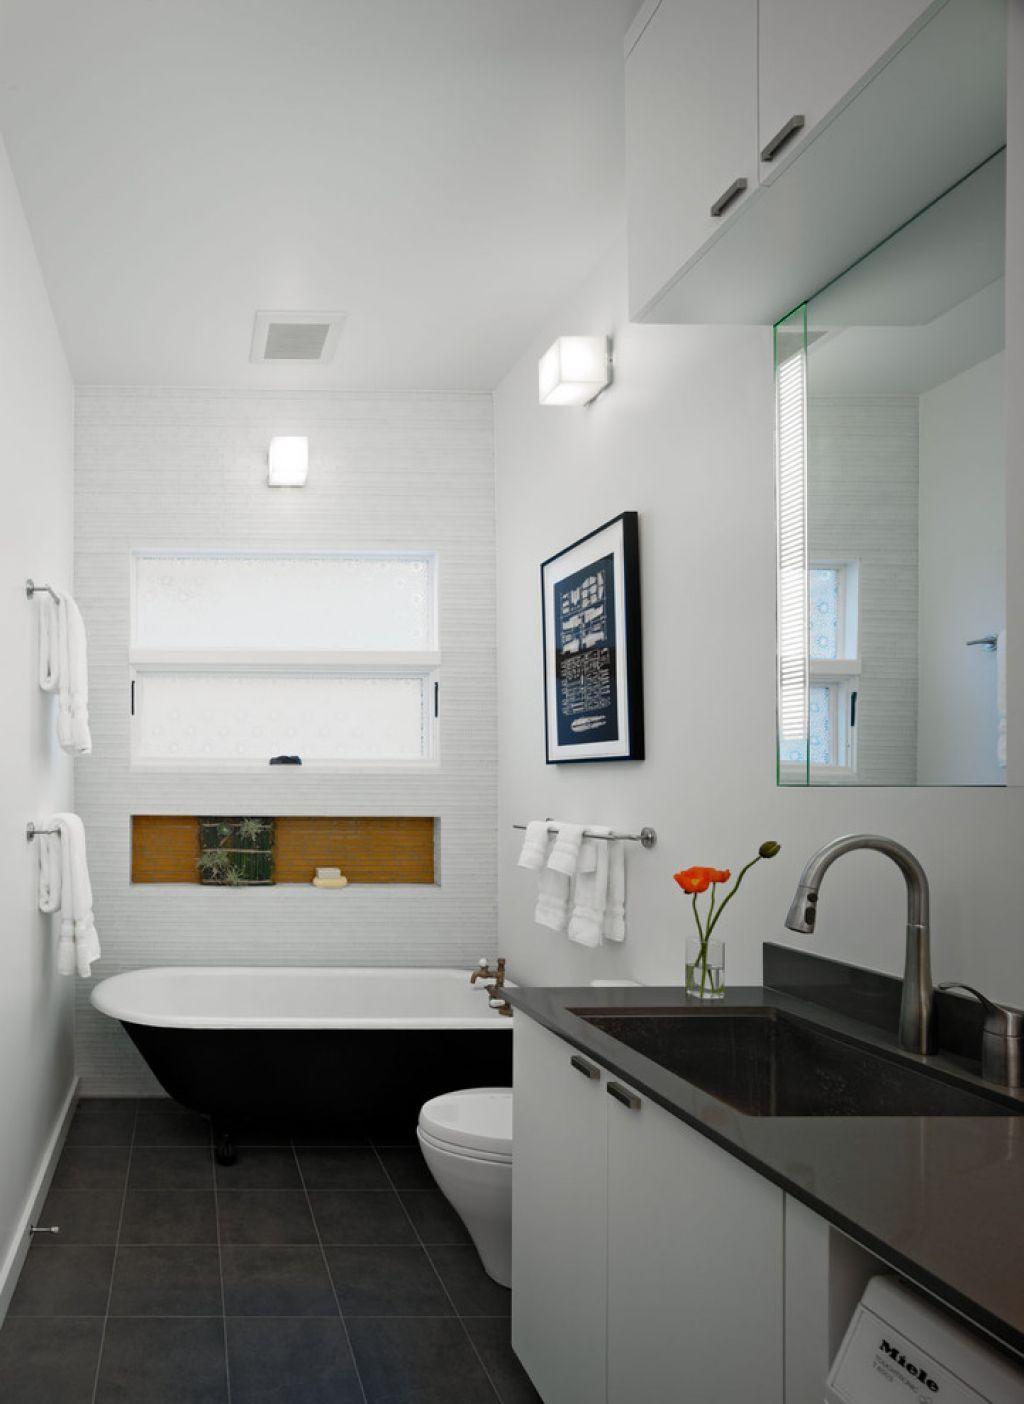 Ways To Move A Clawfoot Tub Modern Bathroom Design Bathroom Interior Modern Bathrooms Interior